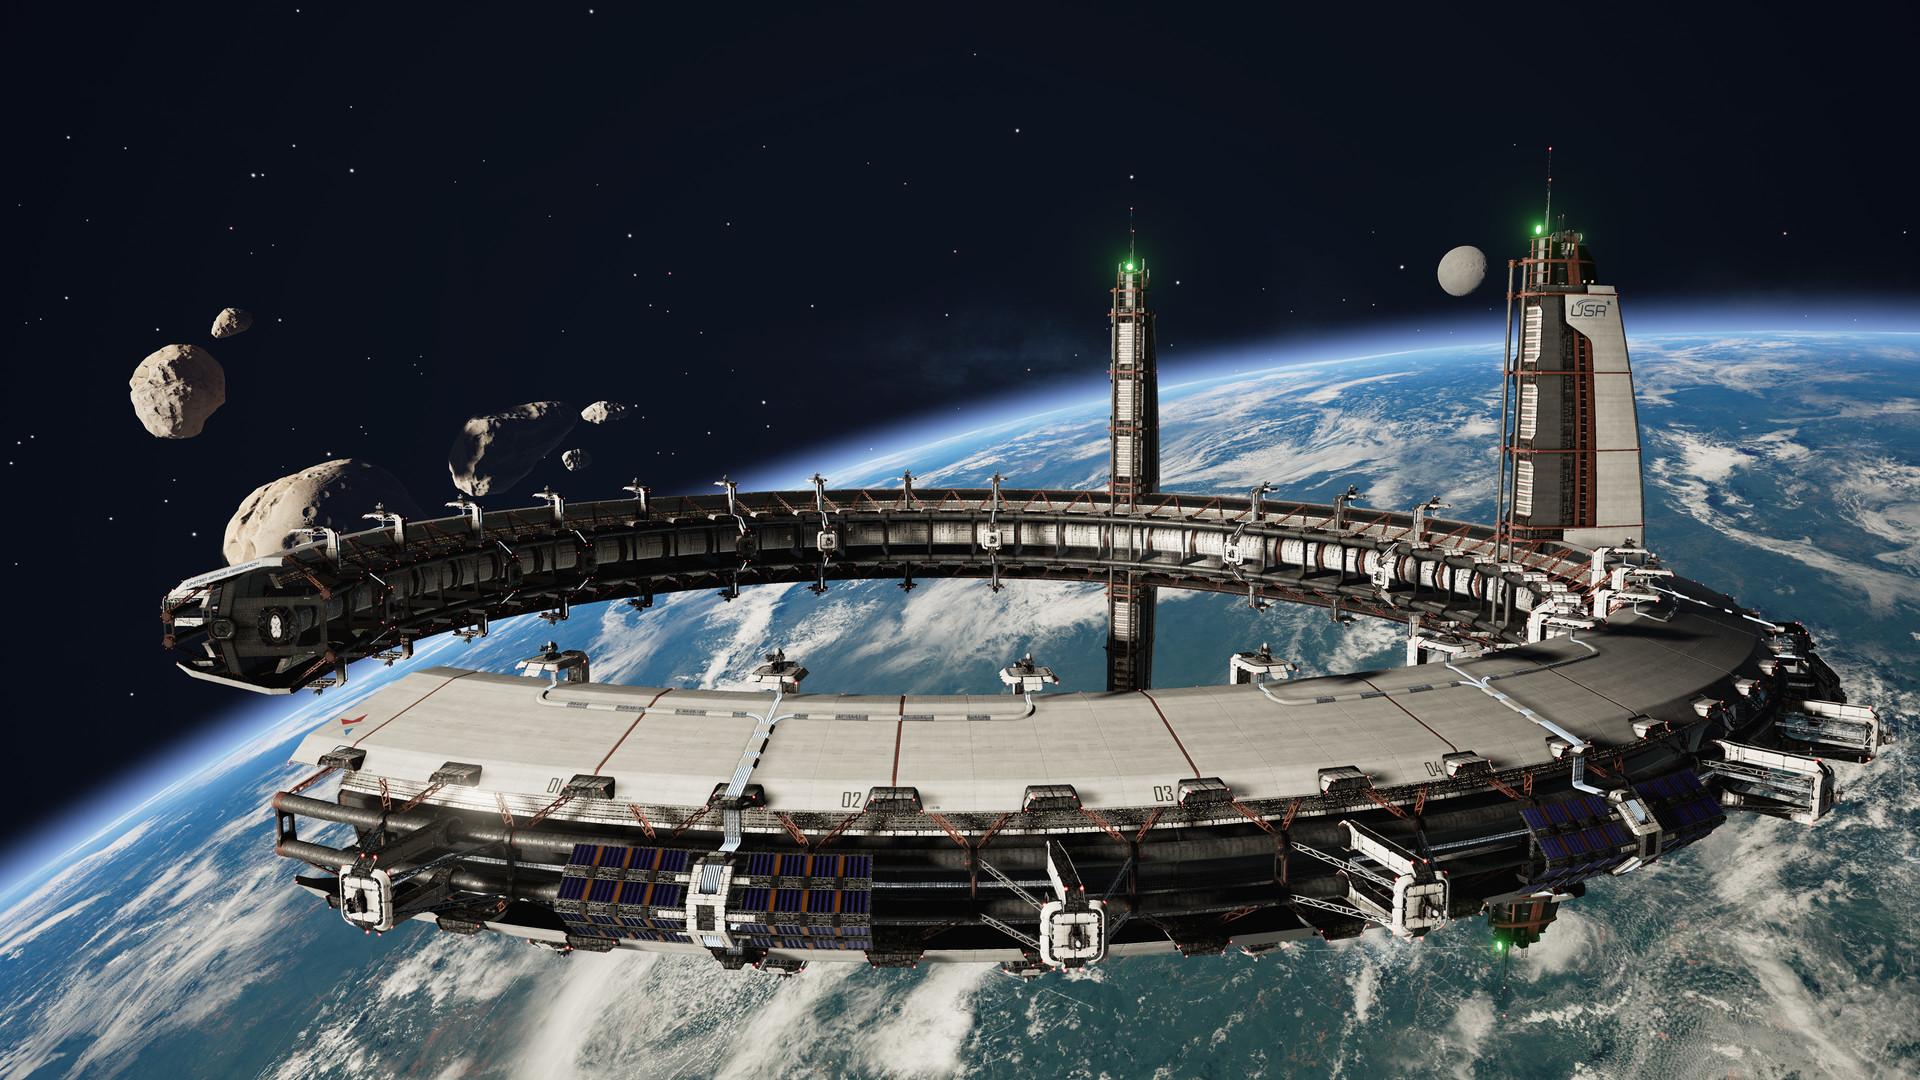 ArtStation Homebase Station Fractured Space Rob Blight